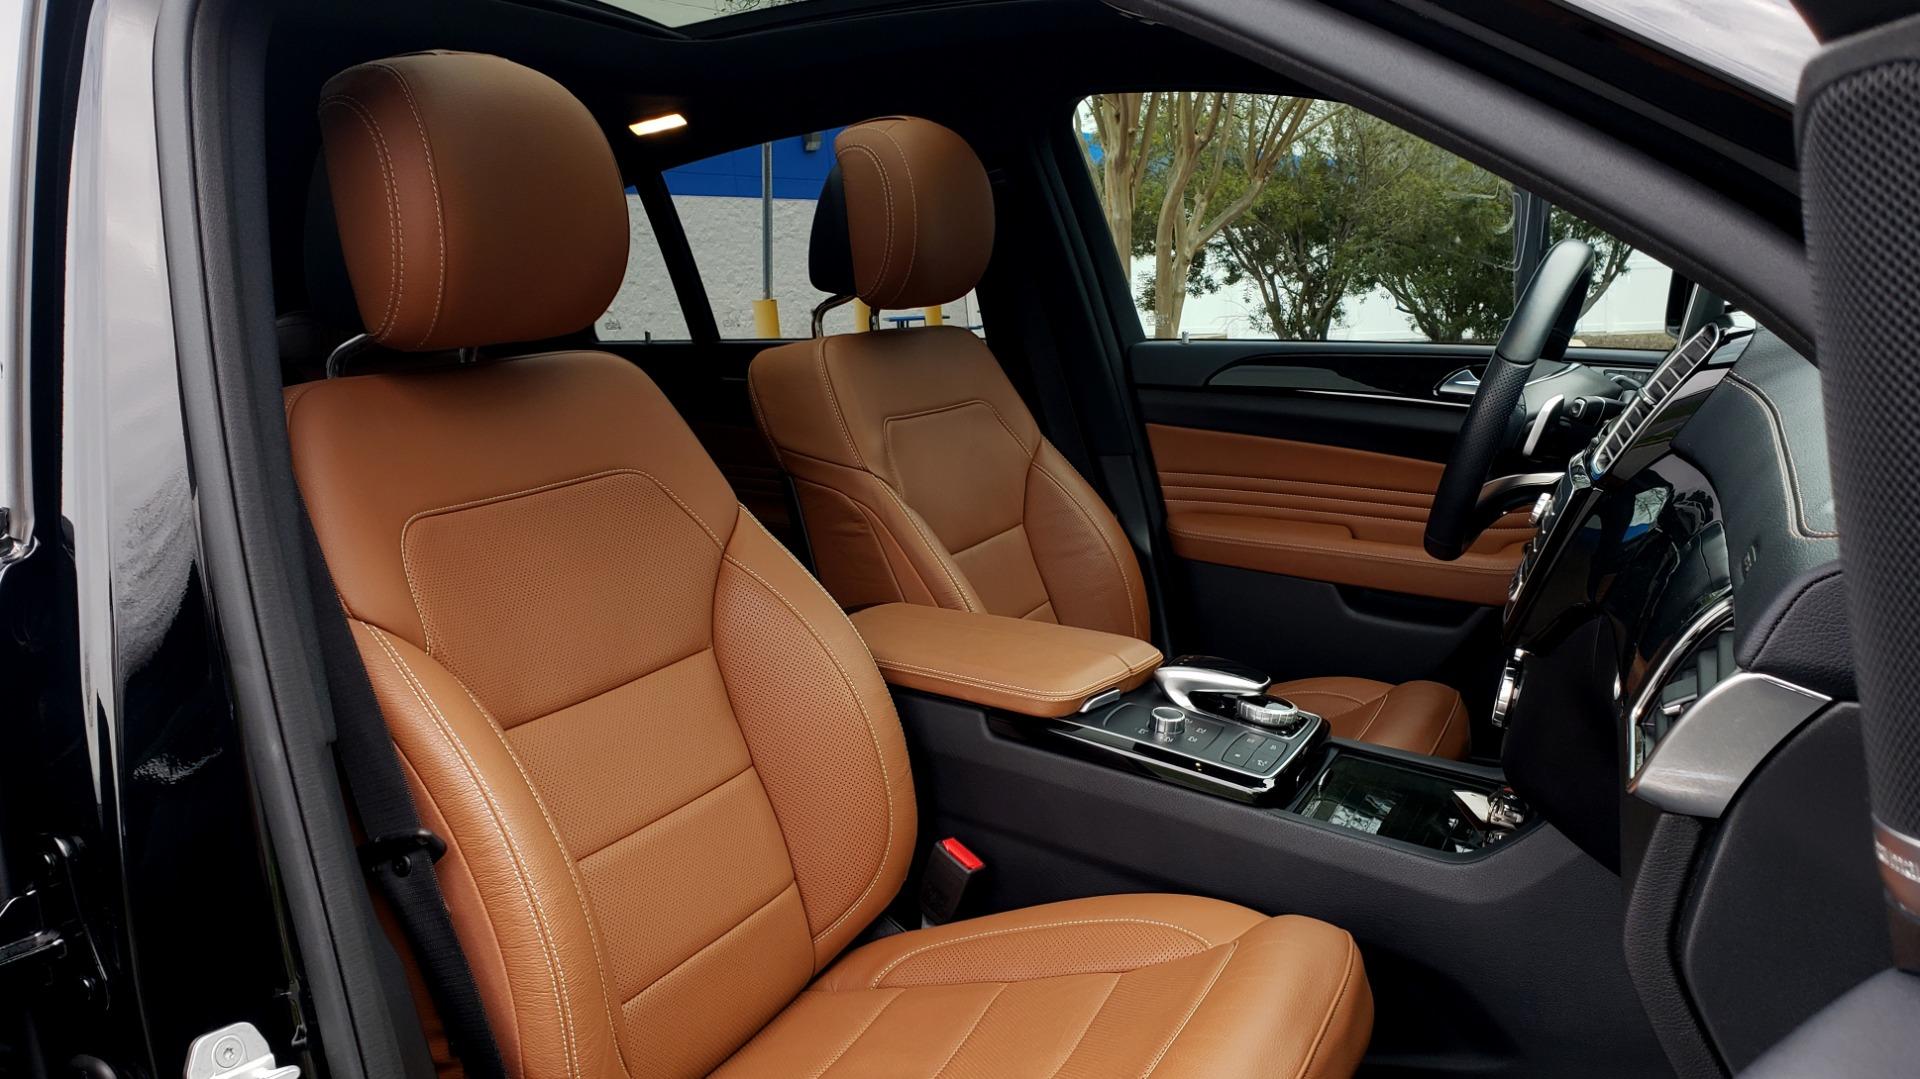 Used 2016 Mercedes-Benz GLE 450 AMG / AWD / PREM PKG / PARK ASST / DRVR ASST / SUNROOF for sale Sold at Formula Imports in Charlotte NC 28227 75